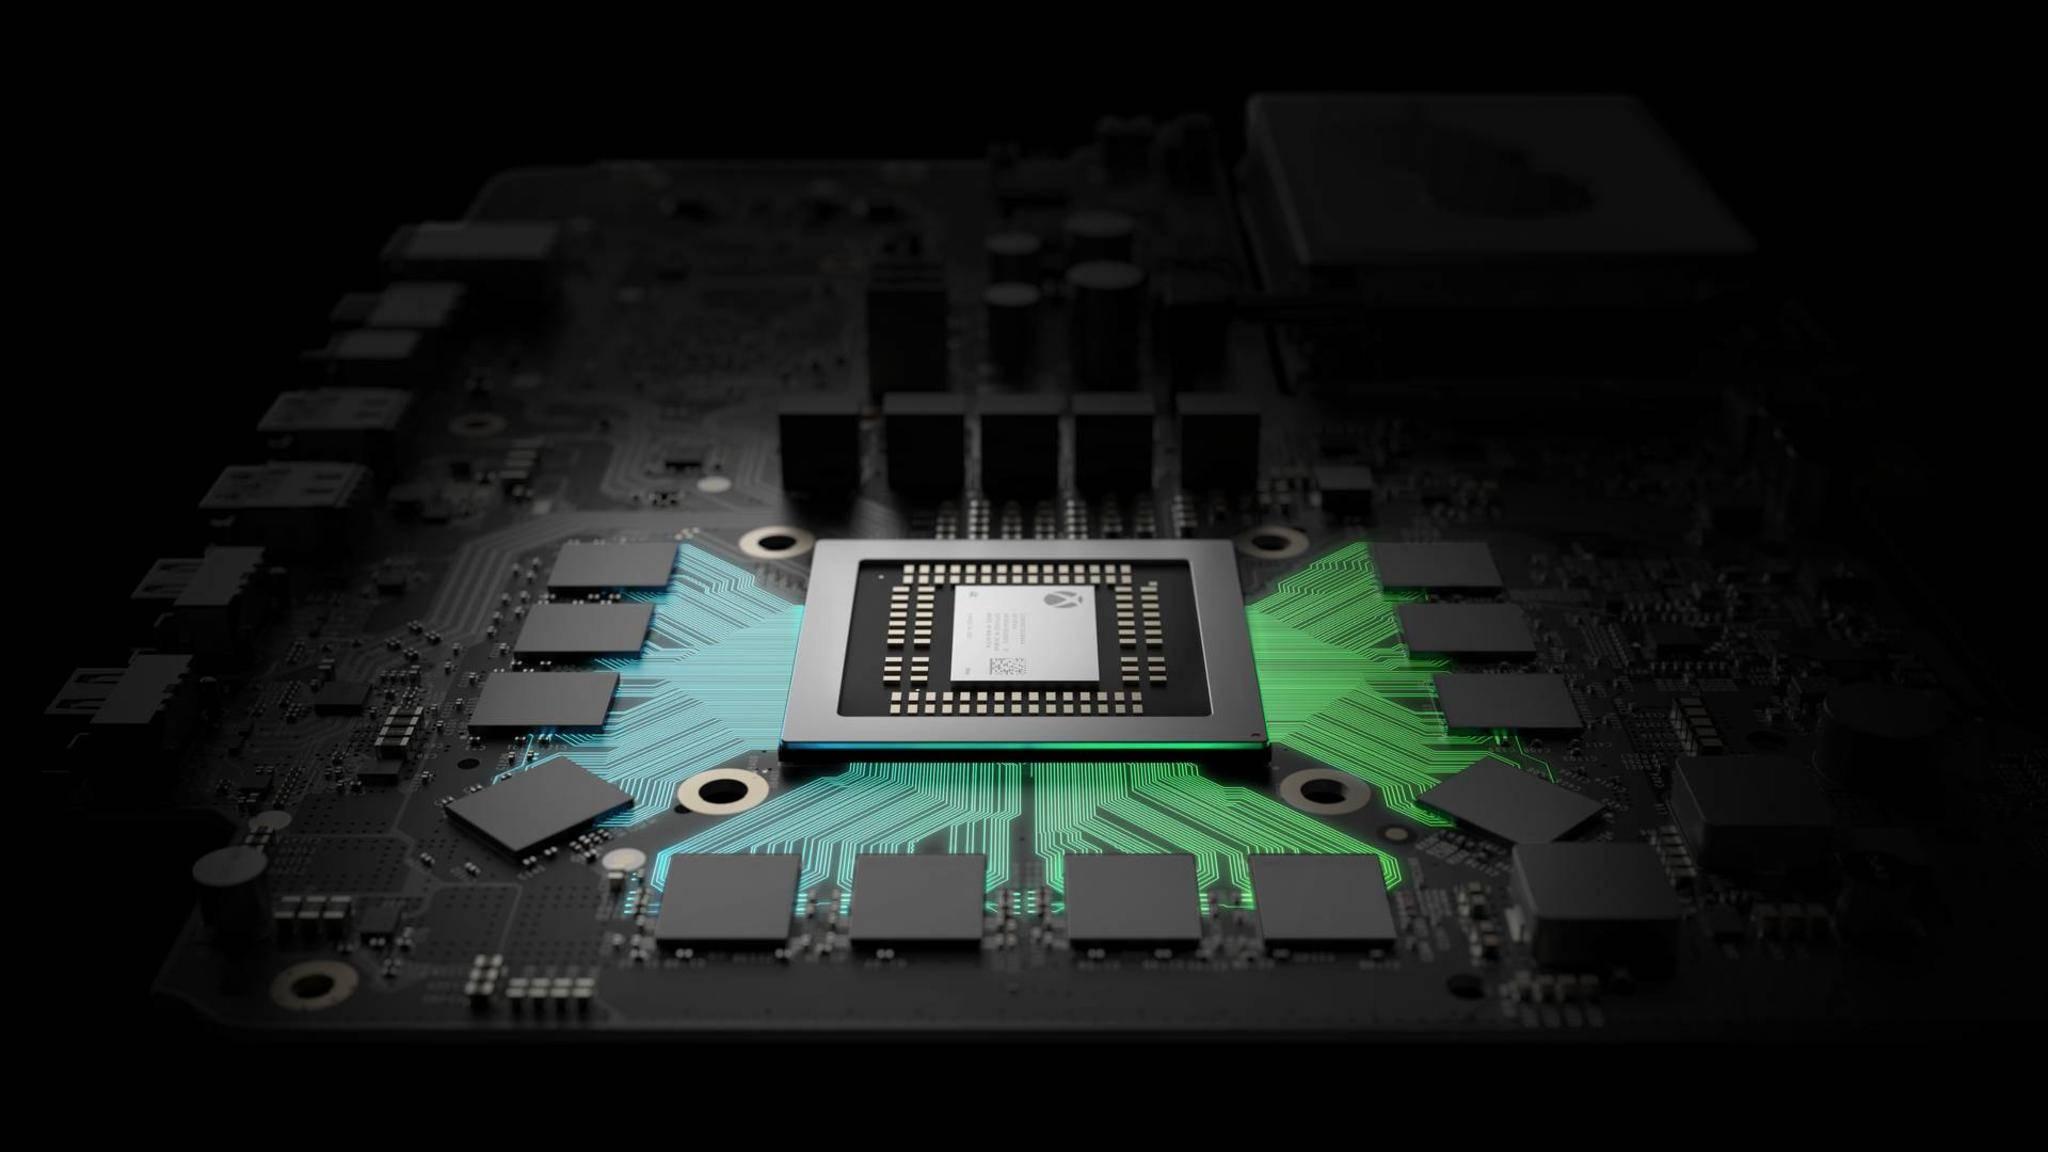 PS4 Pro und Xbox One X im Vergleich: Welche Spielekonsole lohnt sich mehr?